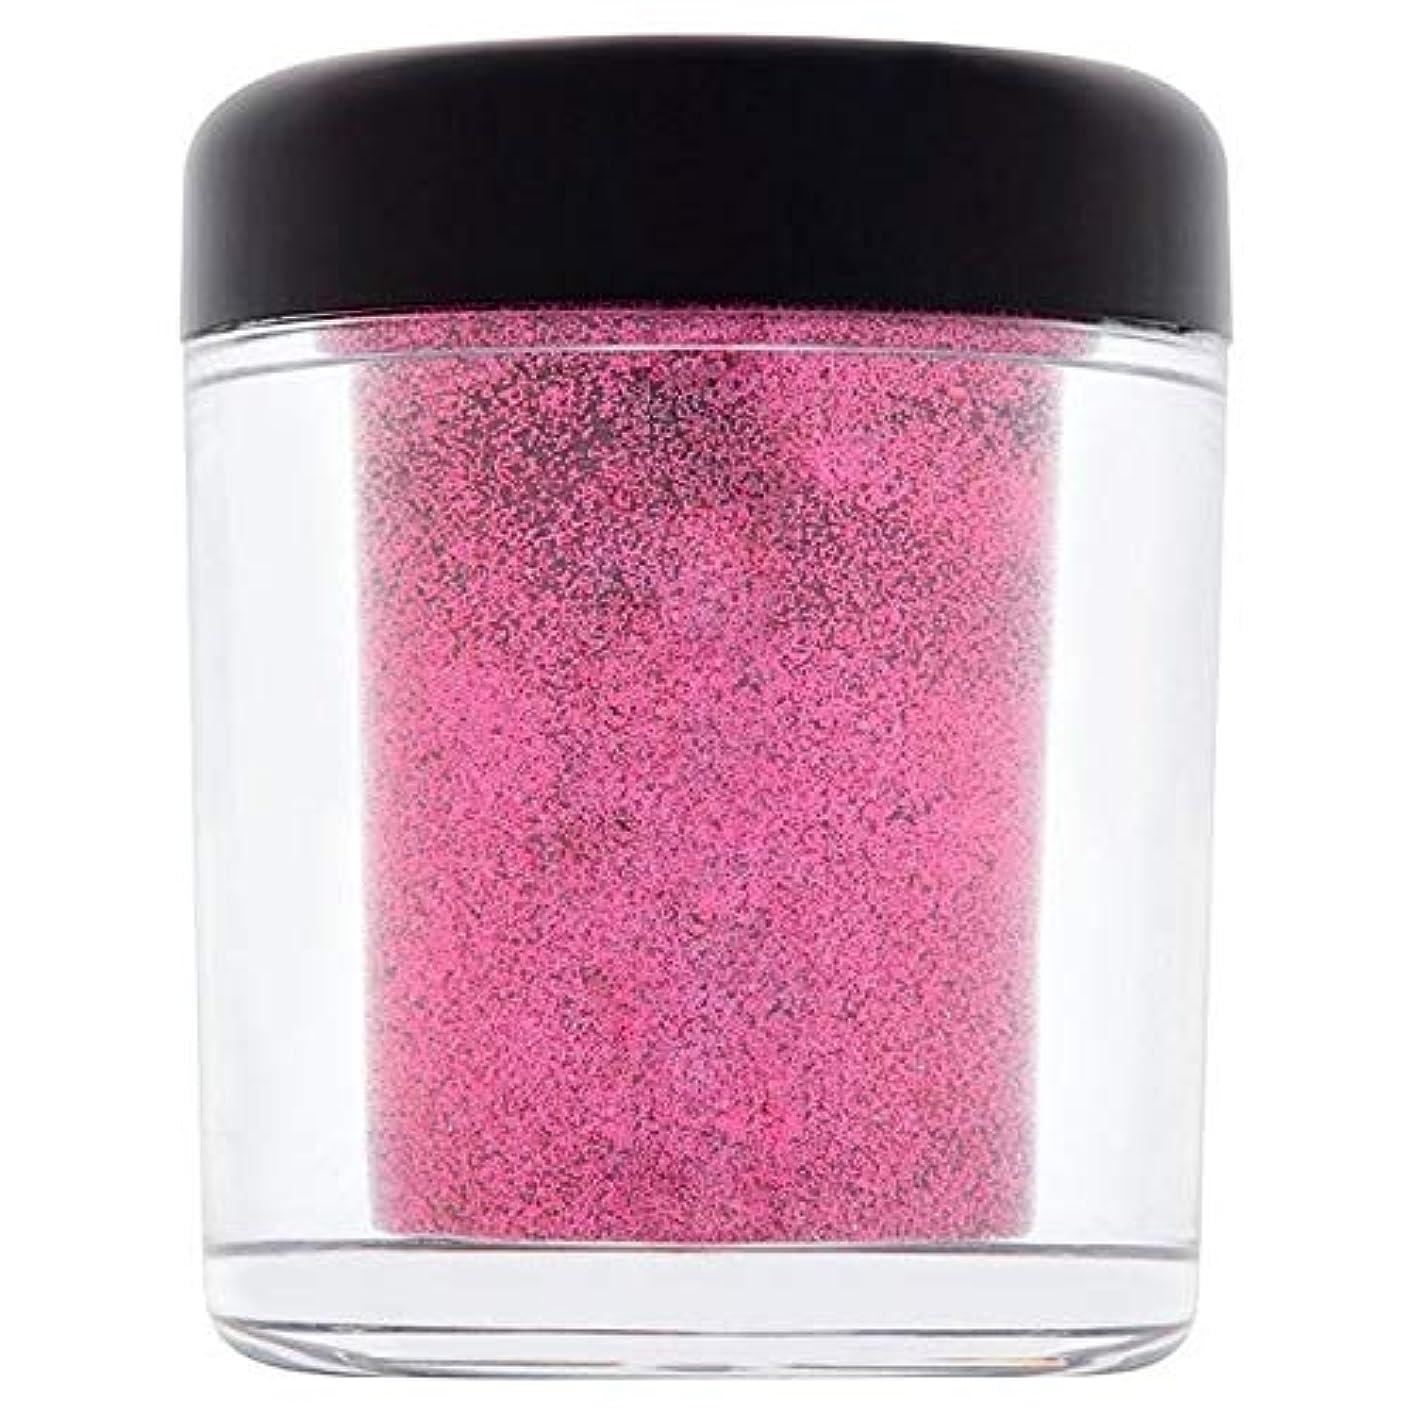 並外れて絶えずゴシップ[Collection ] 収集グラムの結晶フェイス&ボディグリッター誘惑4 - Collection Glam Crystals Face & Body Glitter Temptation 4 [並行輸入品]